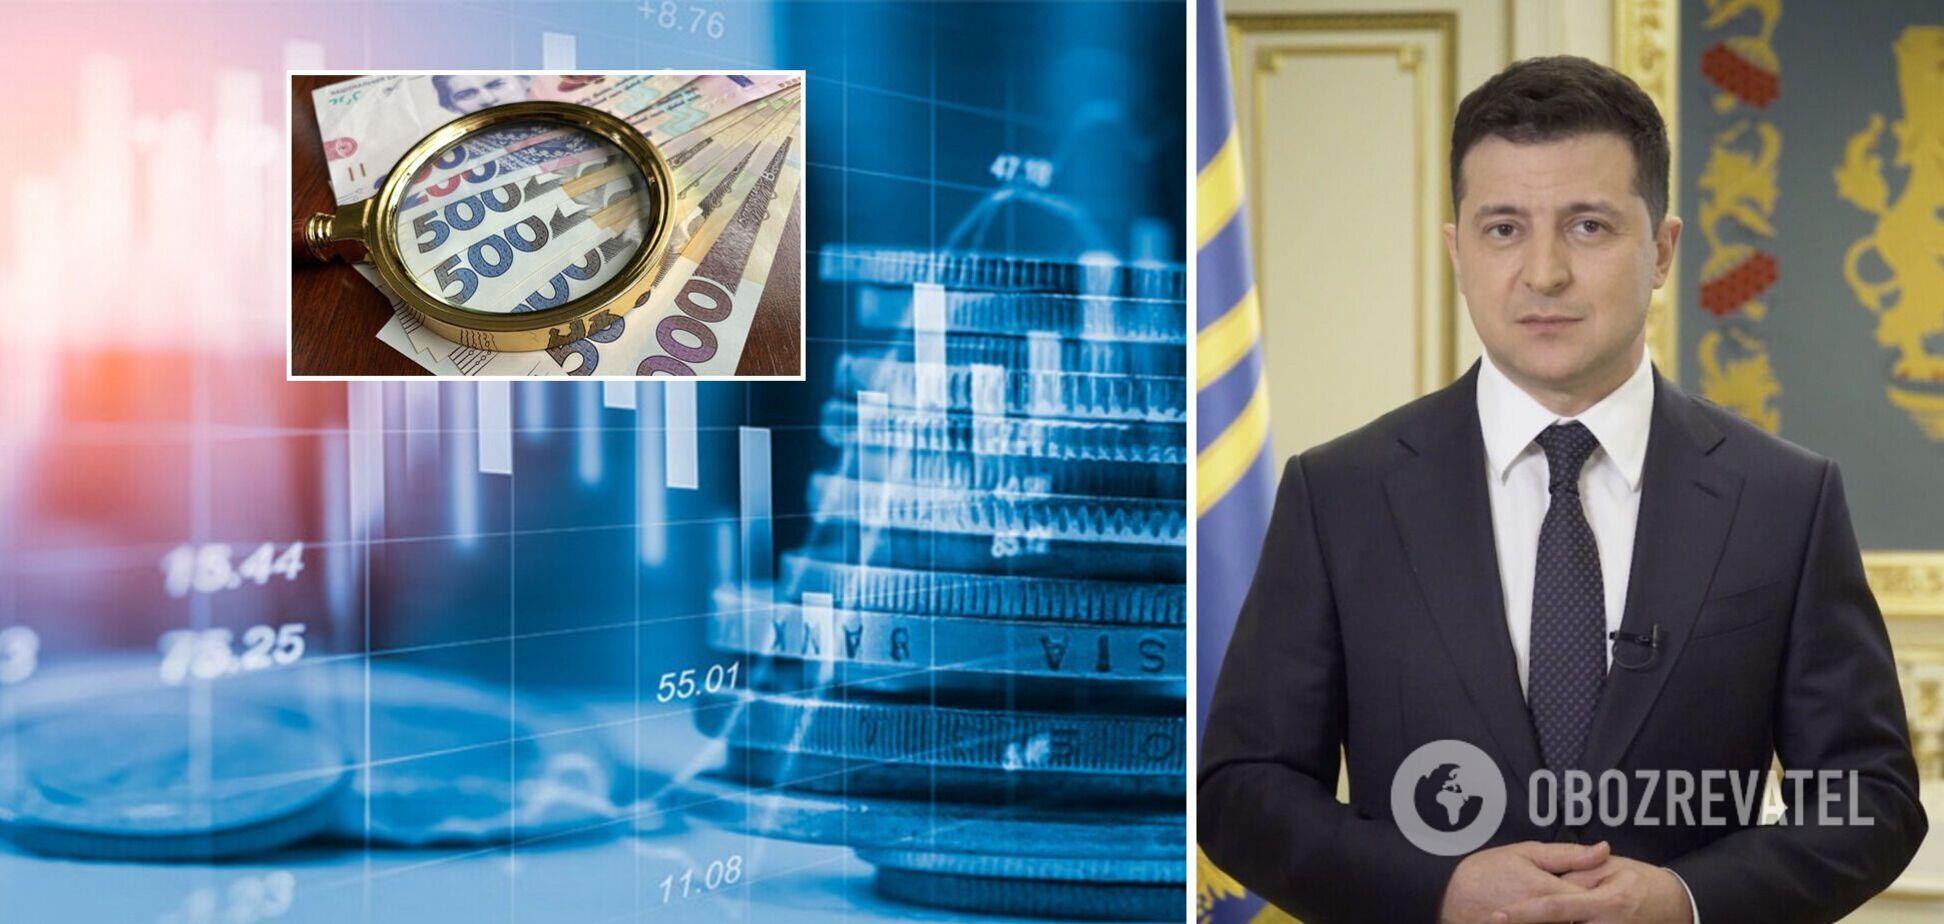 Зеленський підписав закон щодо створення Бюро економічної безпеки